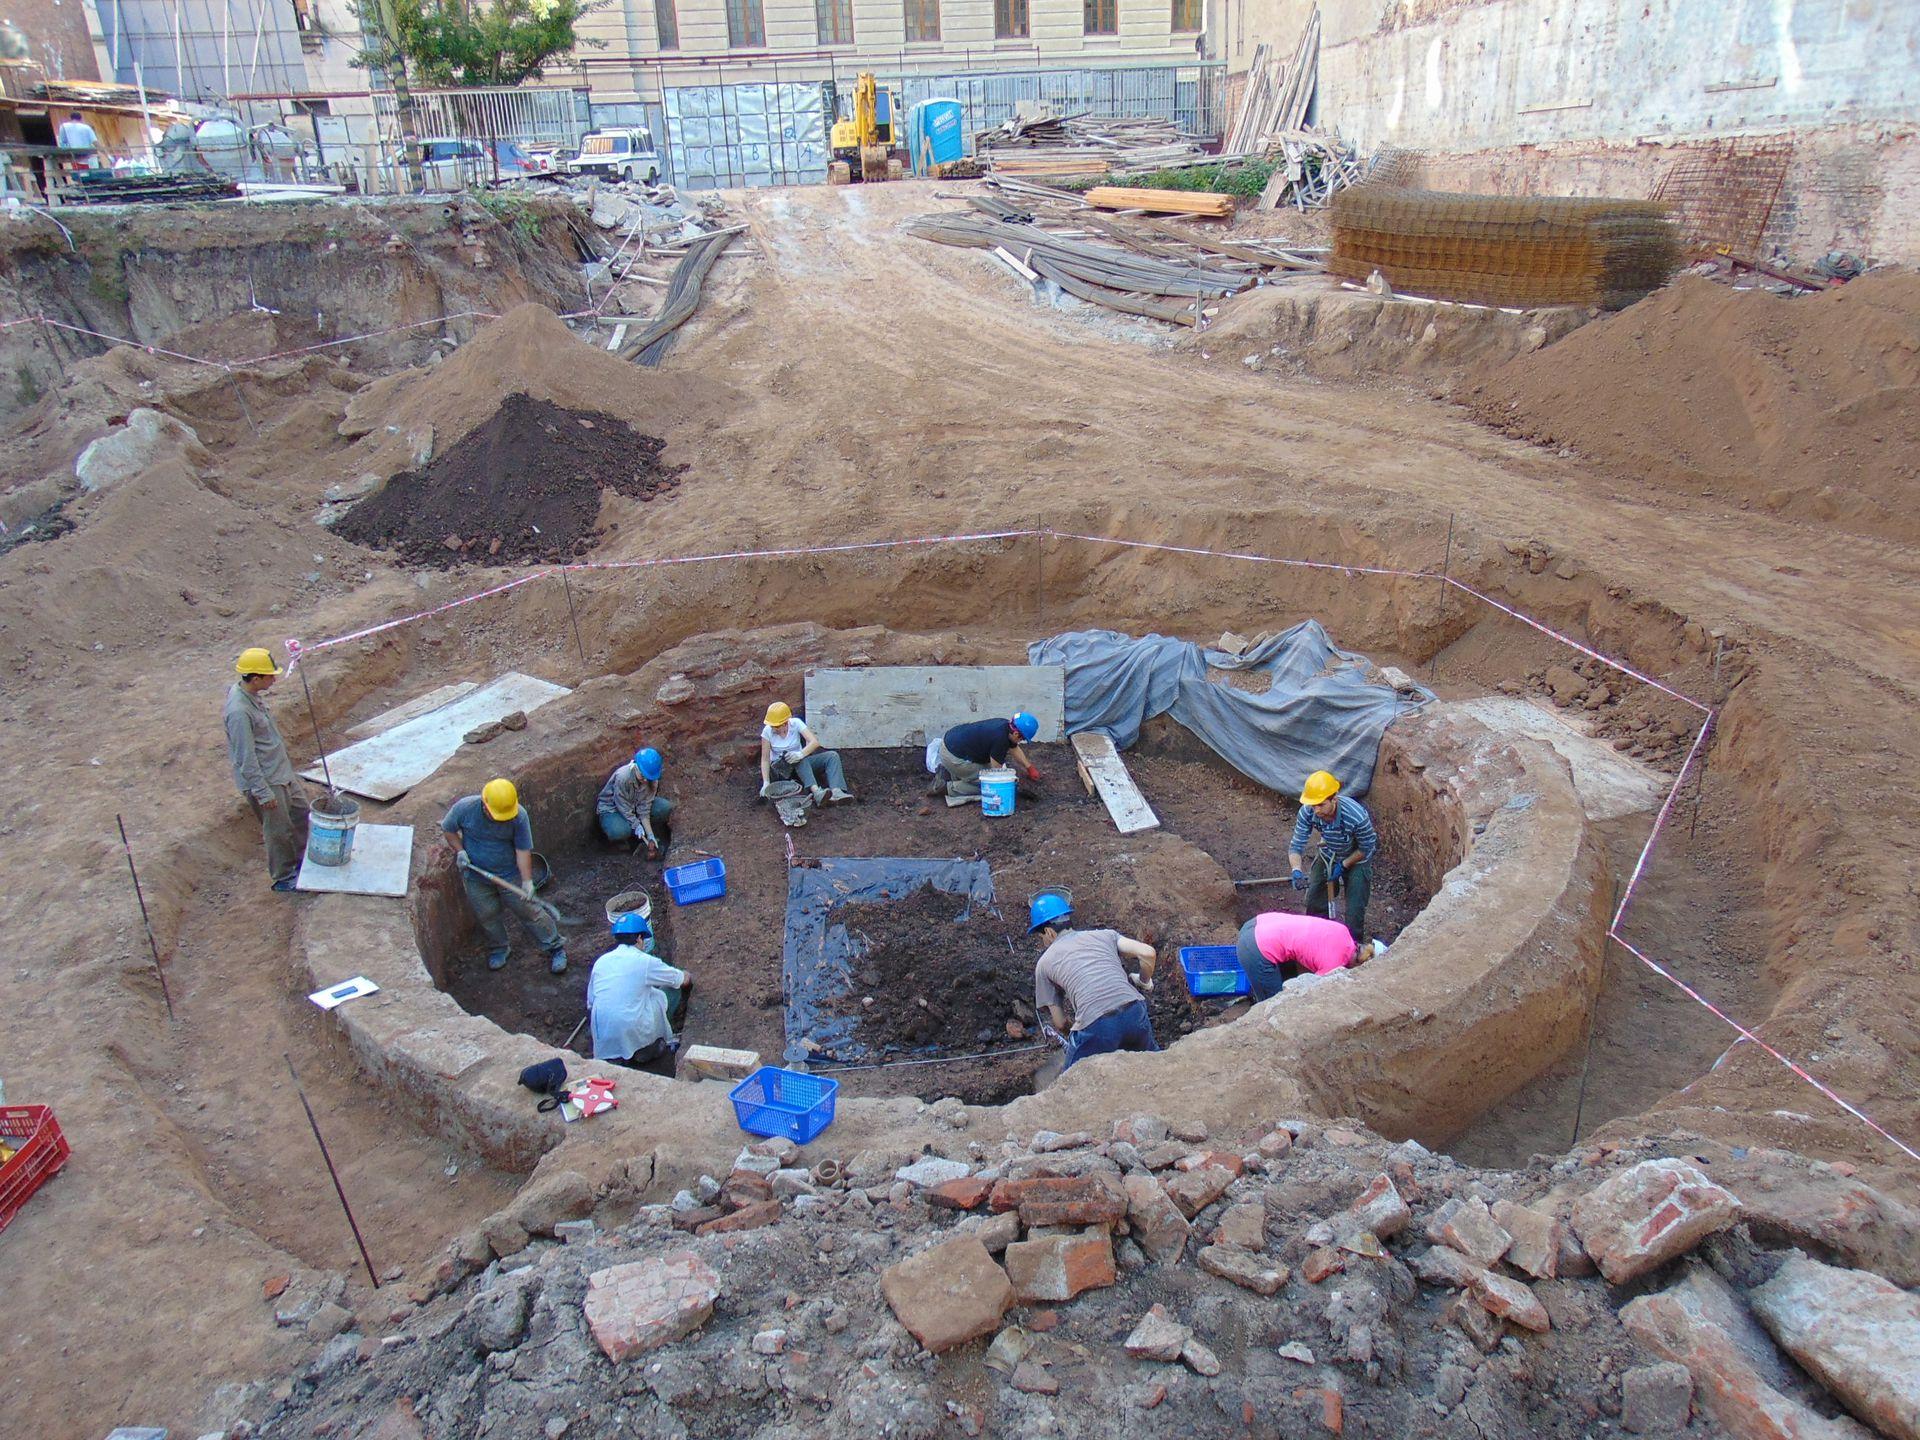 La cisterna mide unos 7 metros de diámetro, con paredes de 55 centímetros y tiene una capacidad de 220 mil litros de agua.